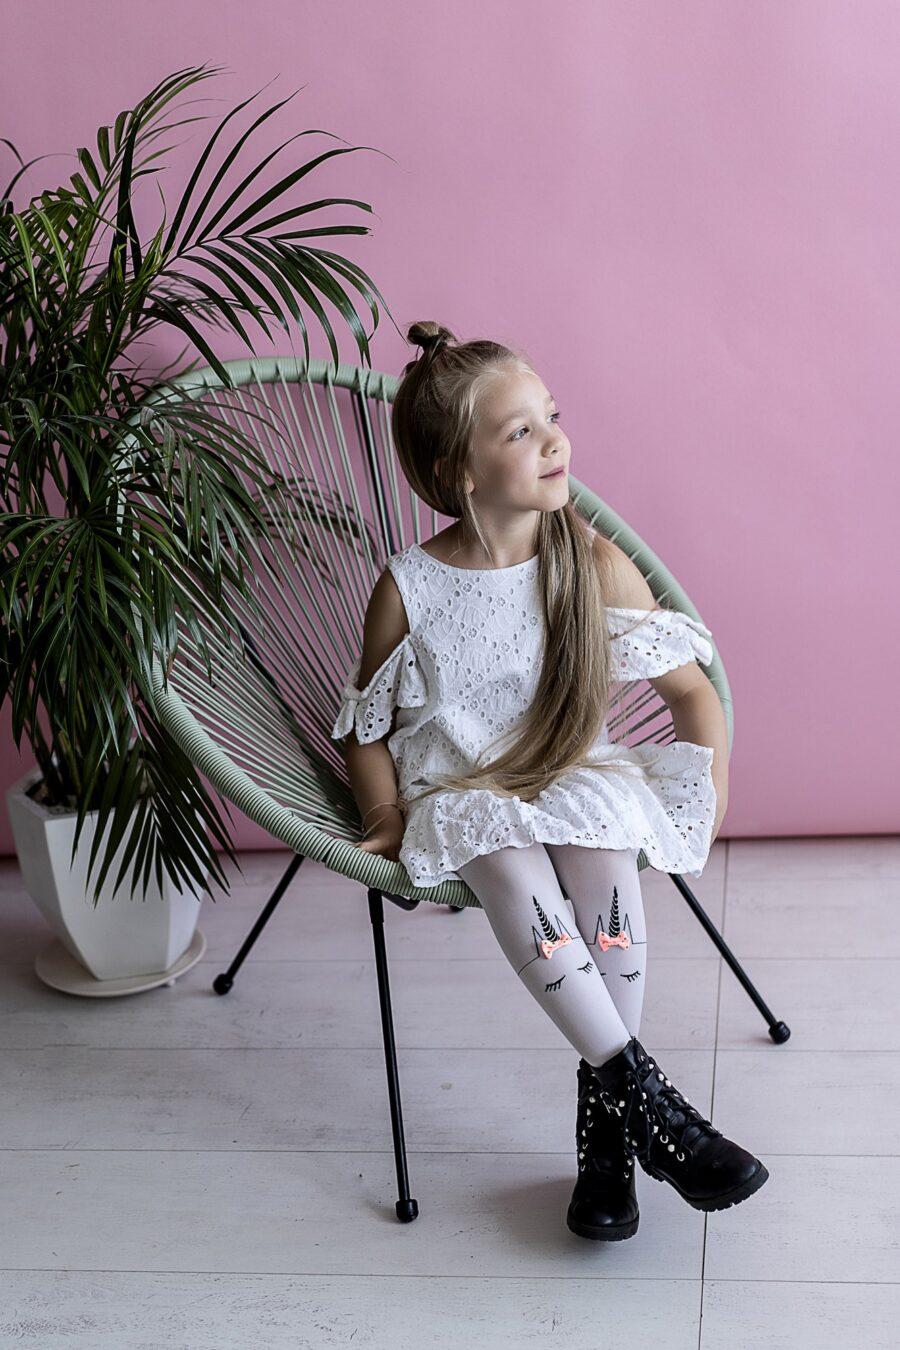 Rajstopy dziewczęce marki KNITTEX model UNICORN 40 DEN